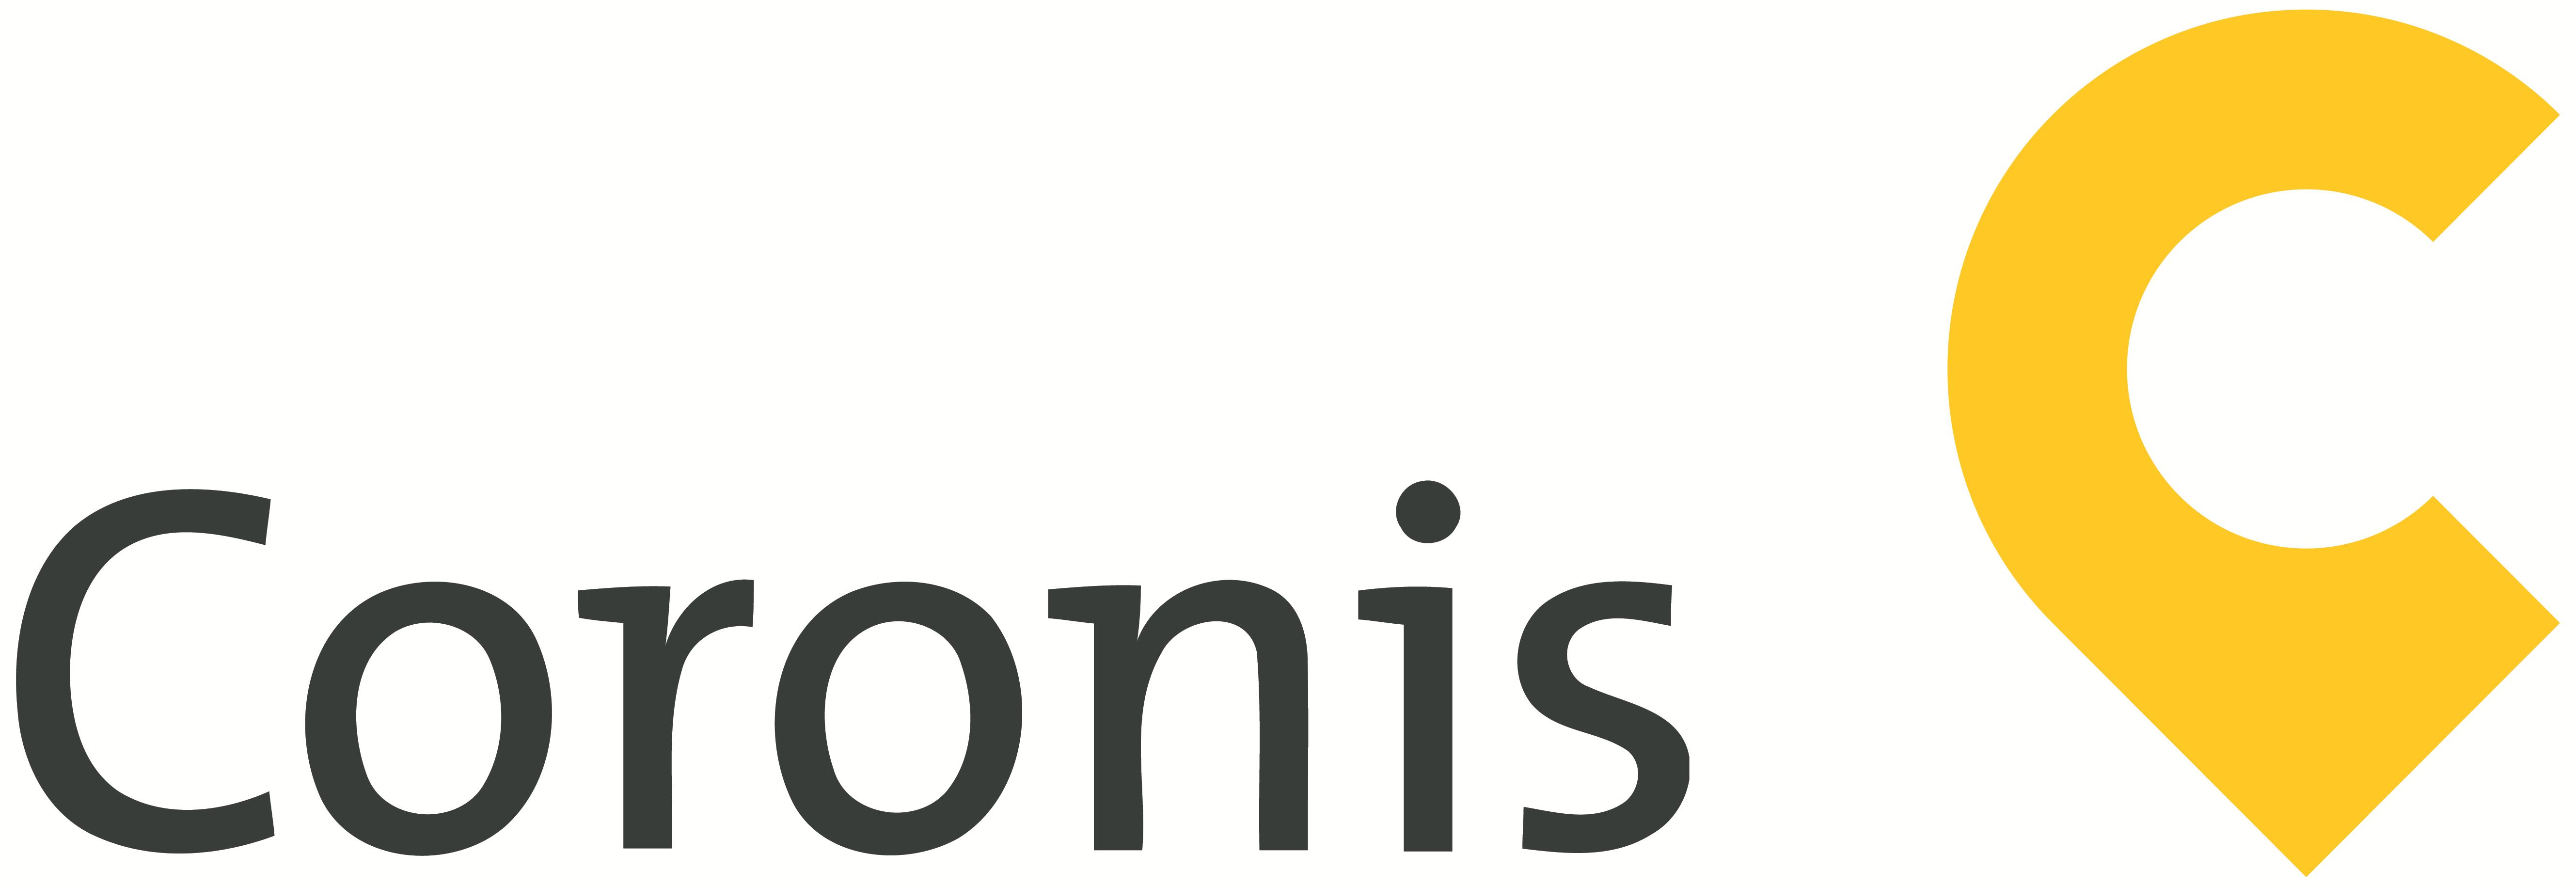 Coronis Realty, Sunnybank, 4109